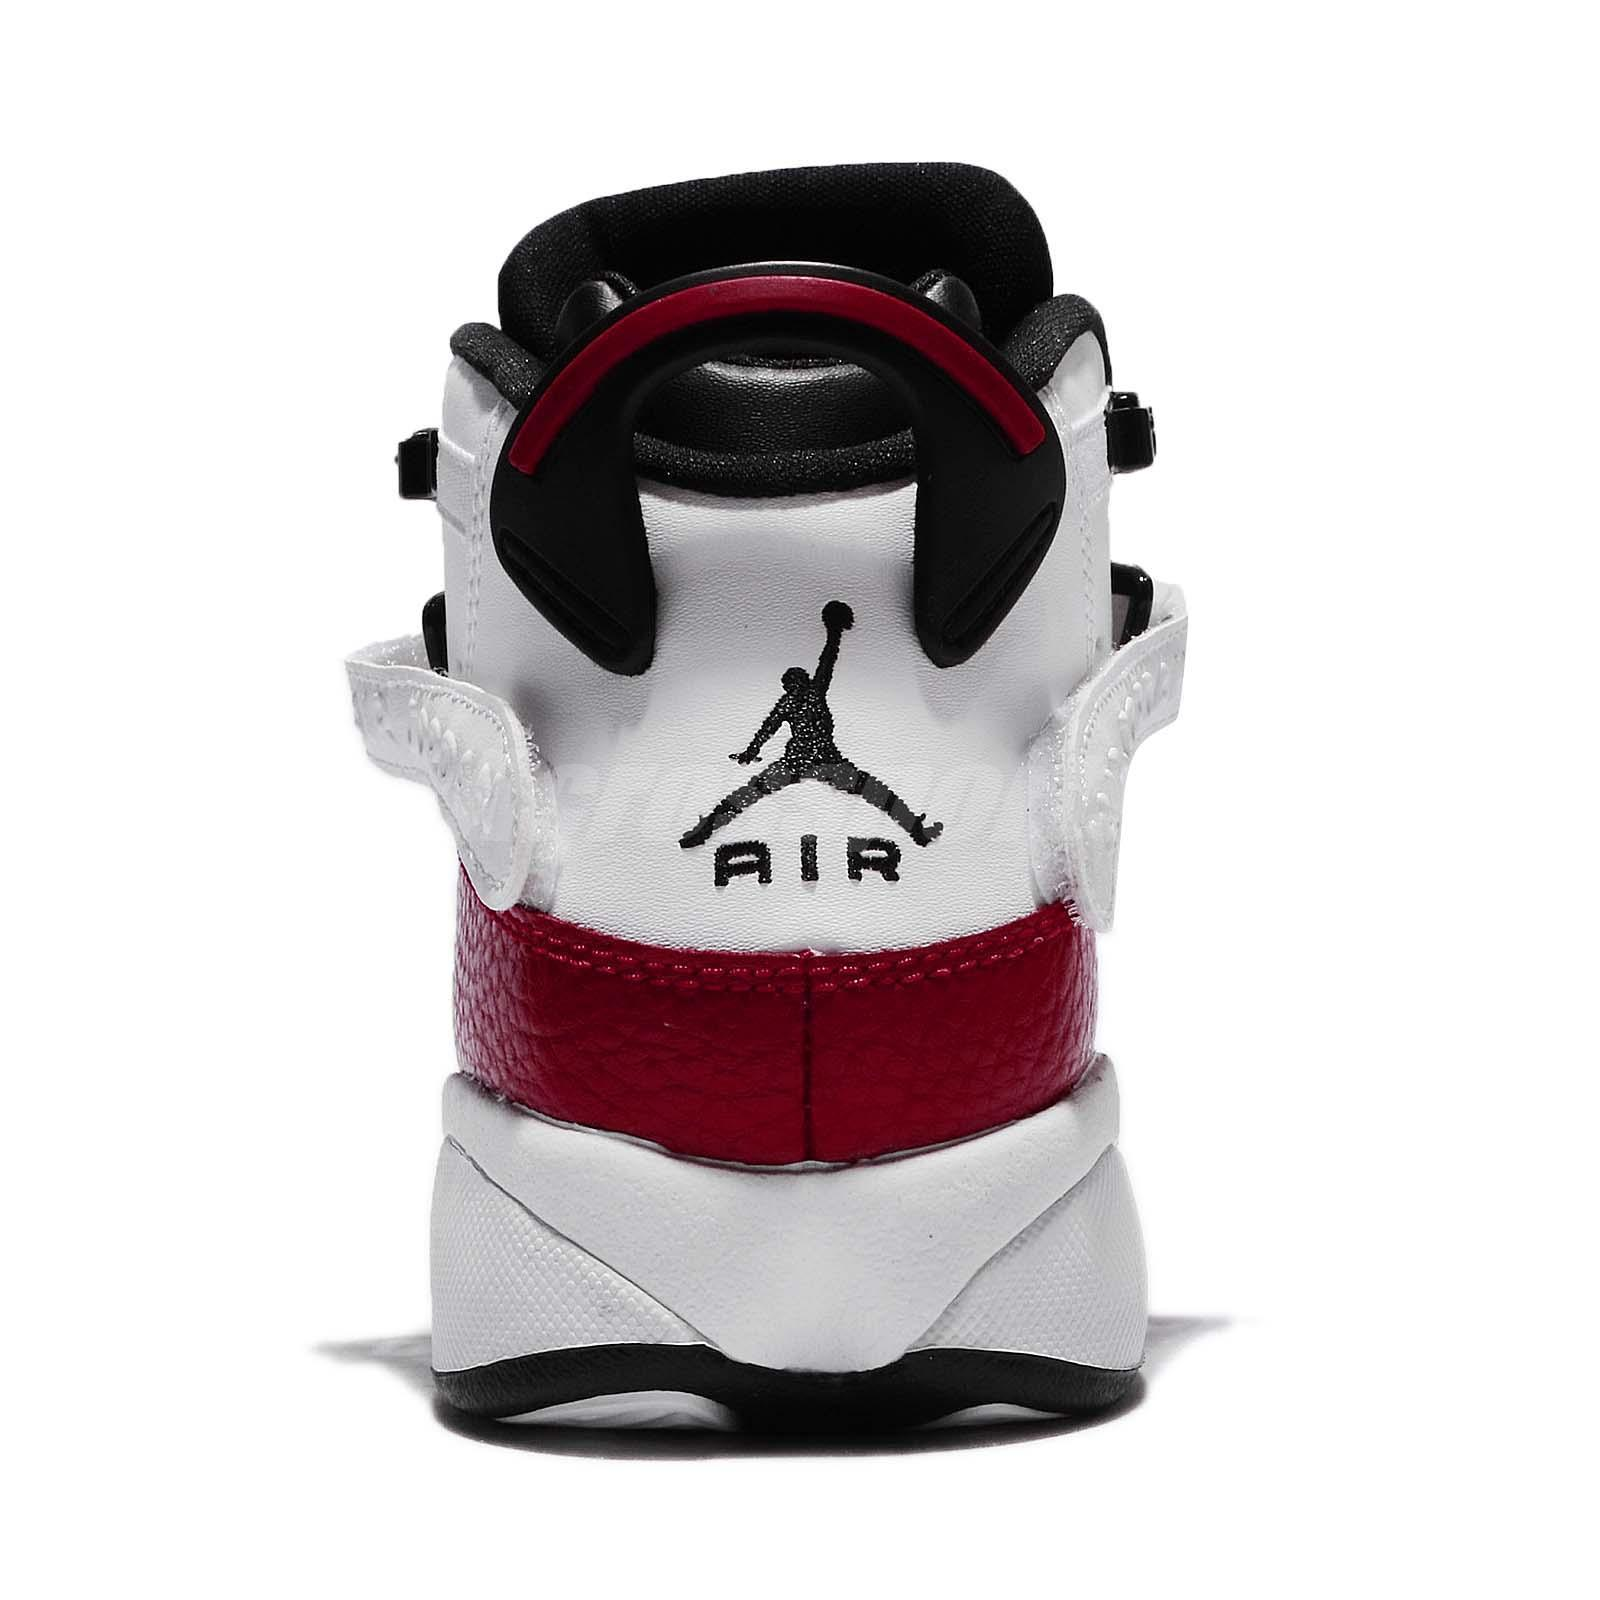 Air Jordan 6 Anneaux 2018 dk48m